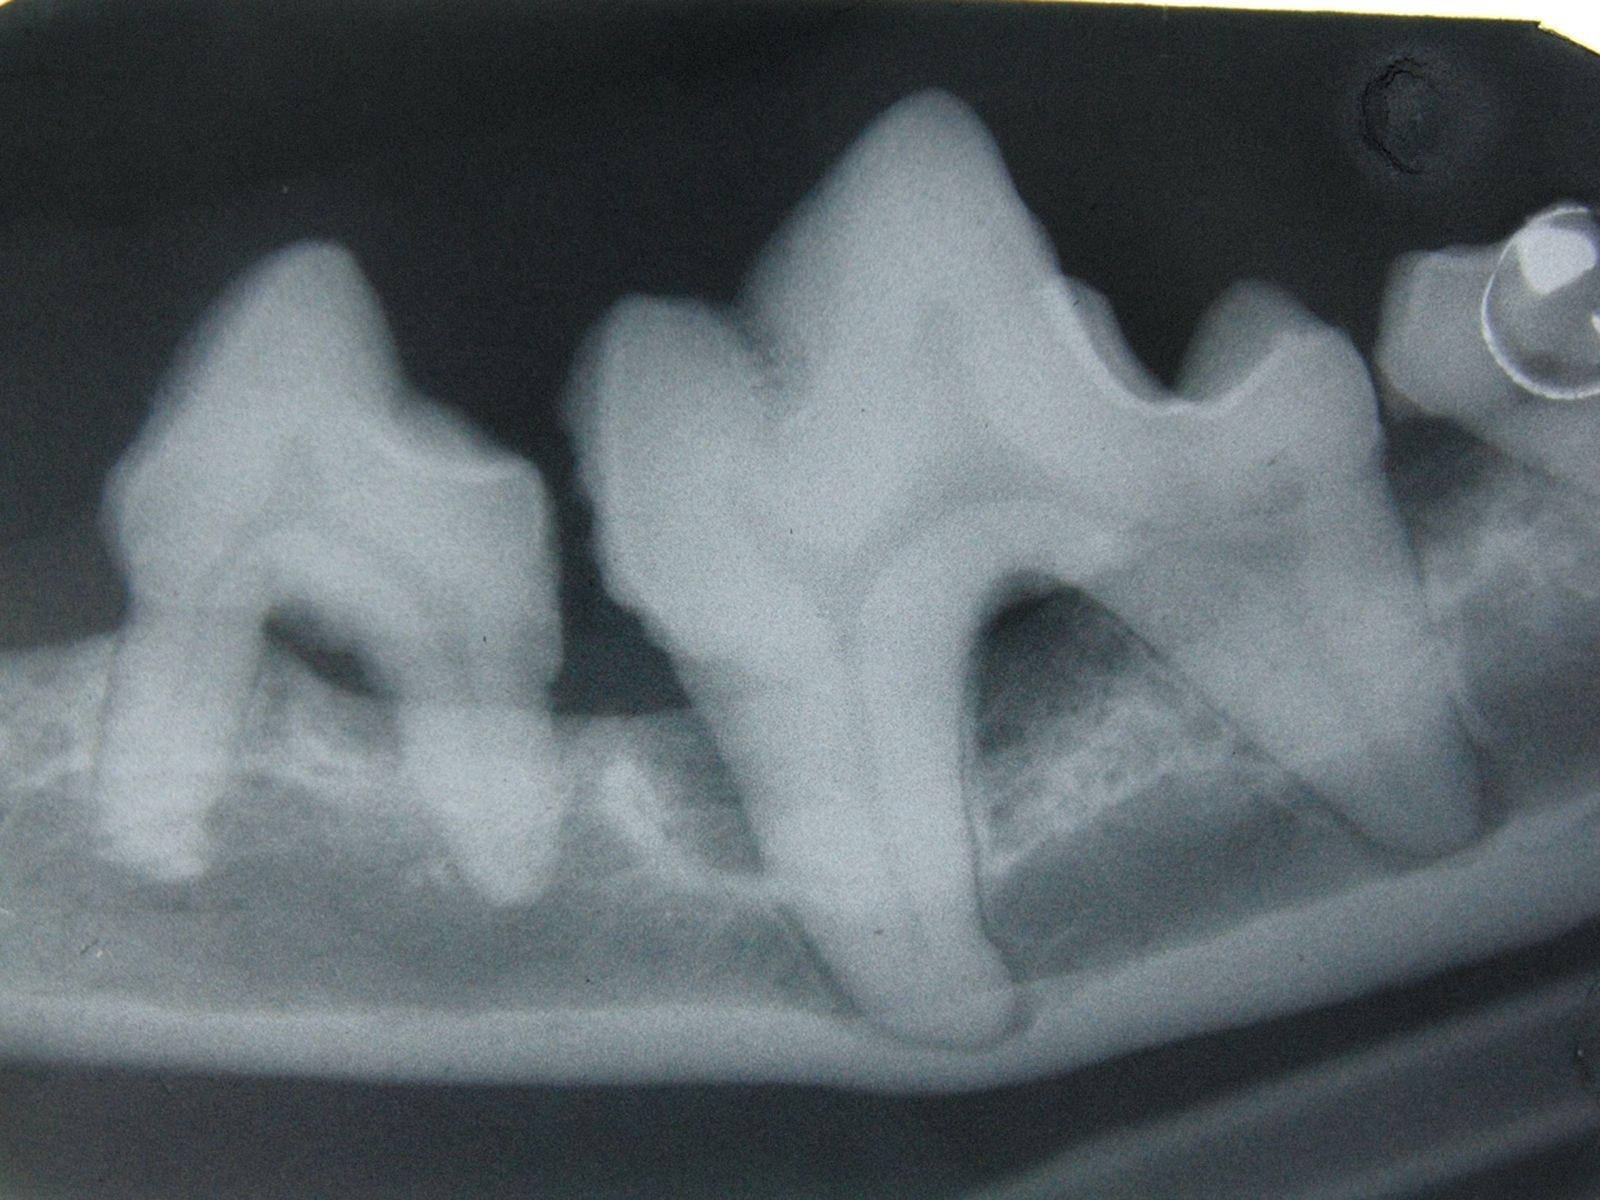 Les radiographies intra-orales sont essentielles pour évaluer une éventuelle parodontite chez le chien et le chat. Notez la perte d'os alvéolaire autour de la dent touchée.